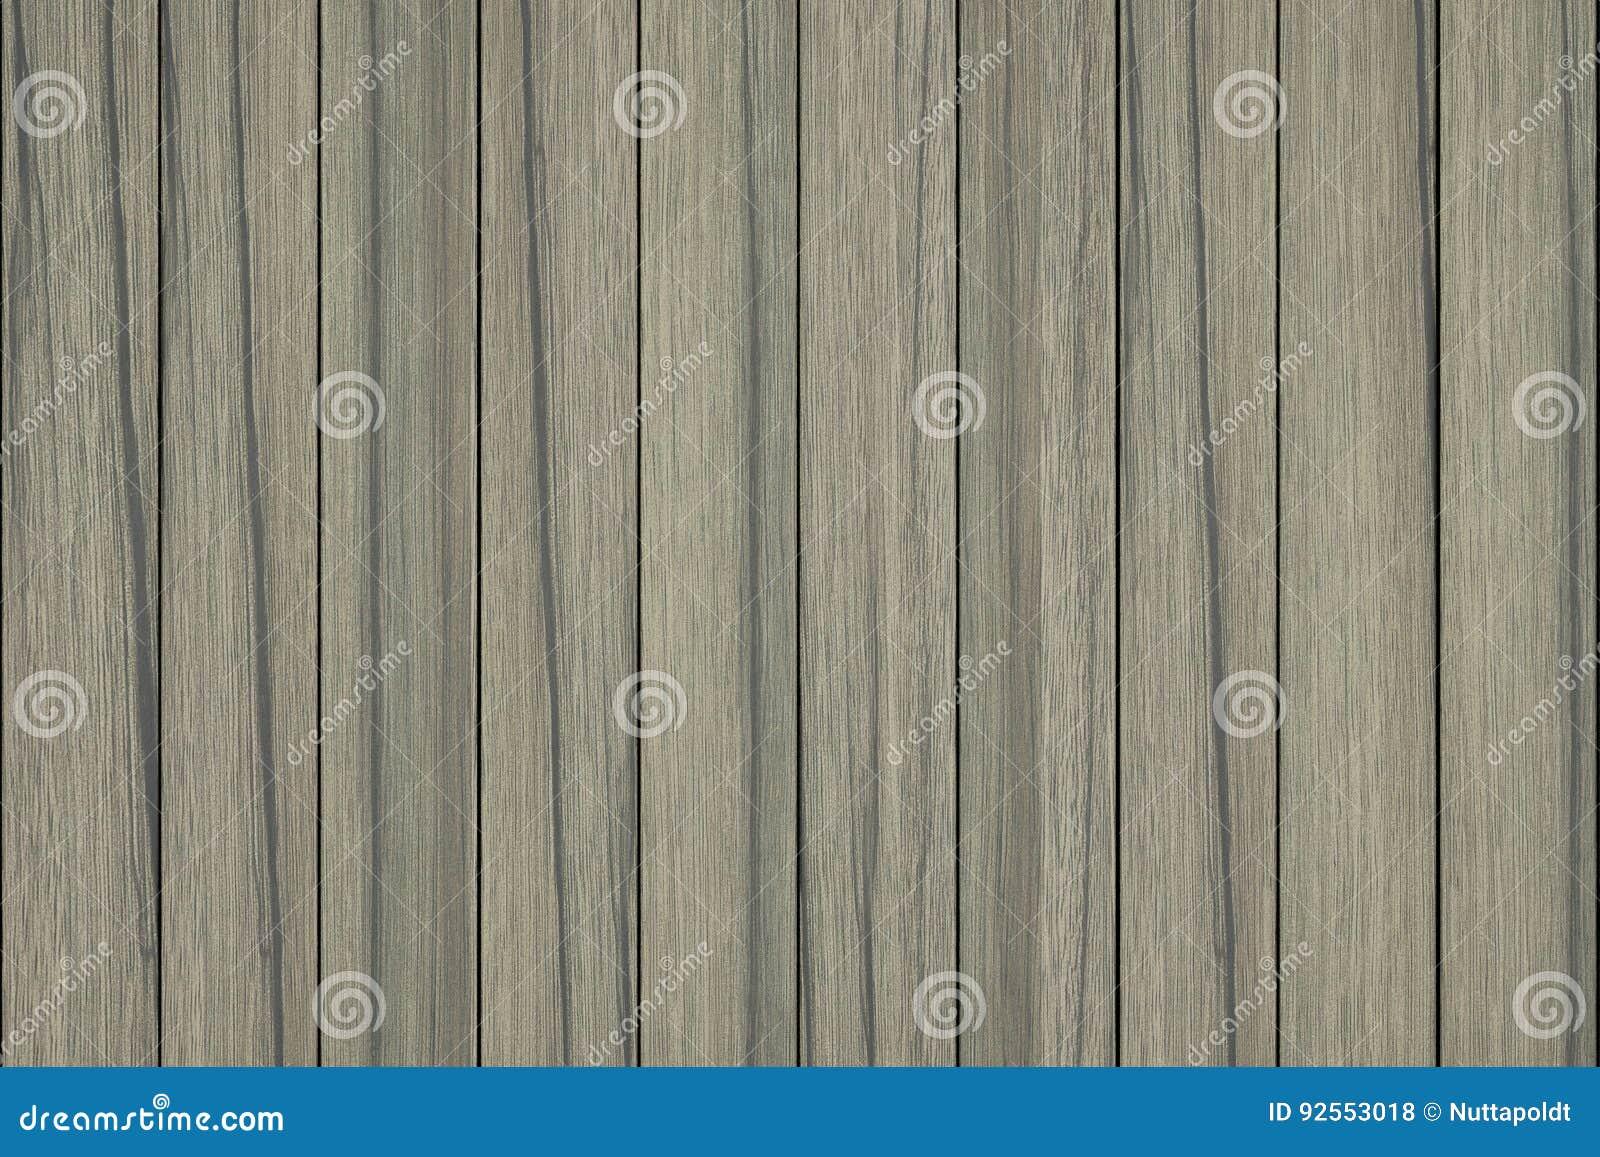 Fondo di legno di struttura della plancia